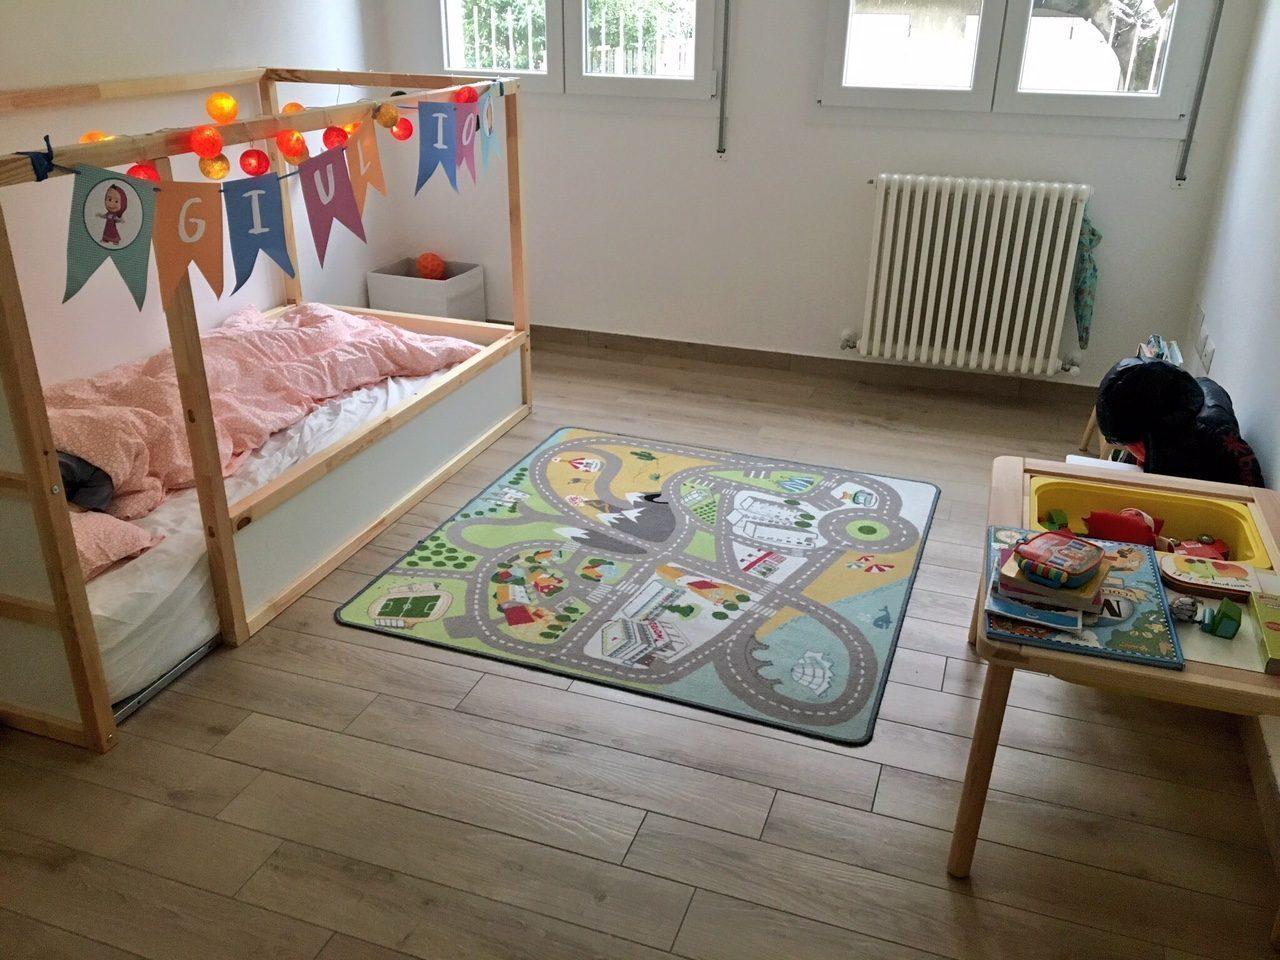 Letto montessoriano per bambini come crearlo con ikea a basso costo for Letti per ragazzi ikea